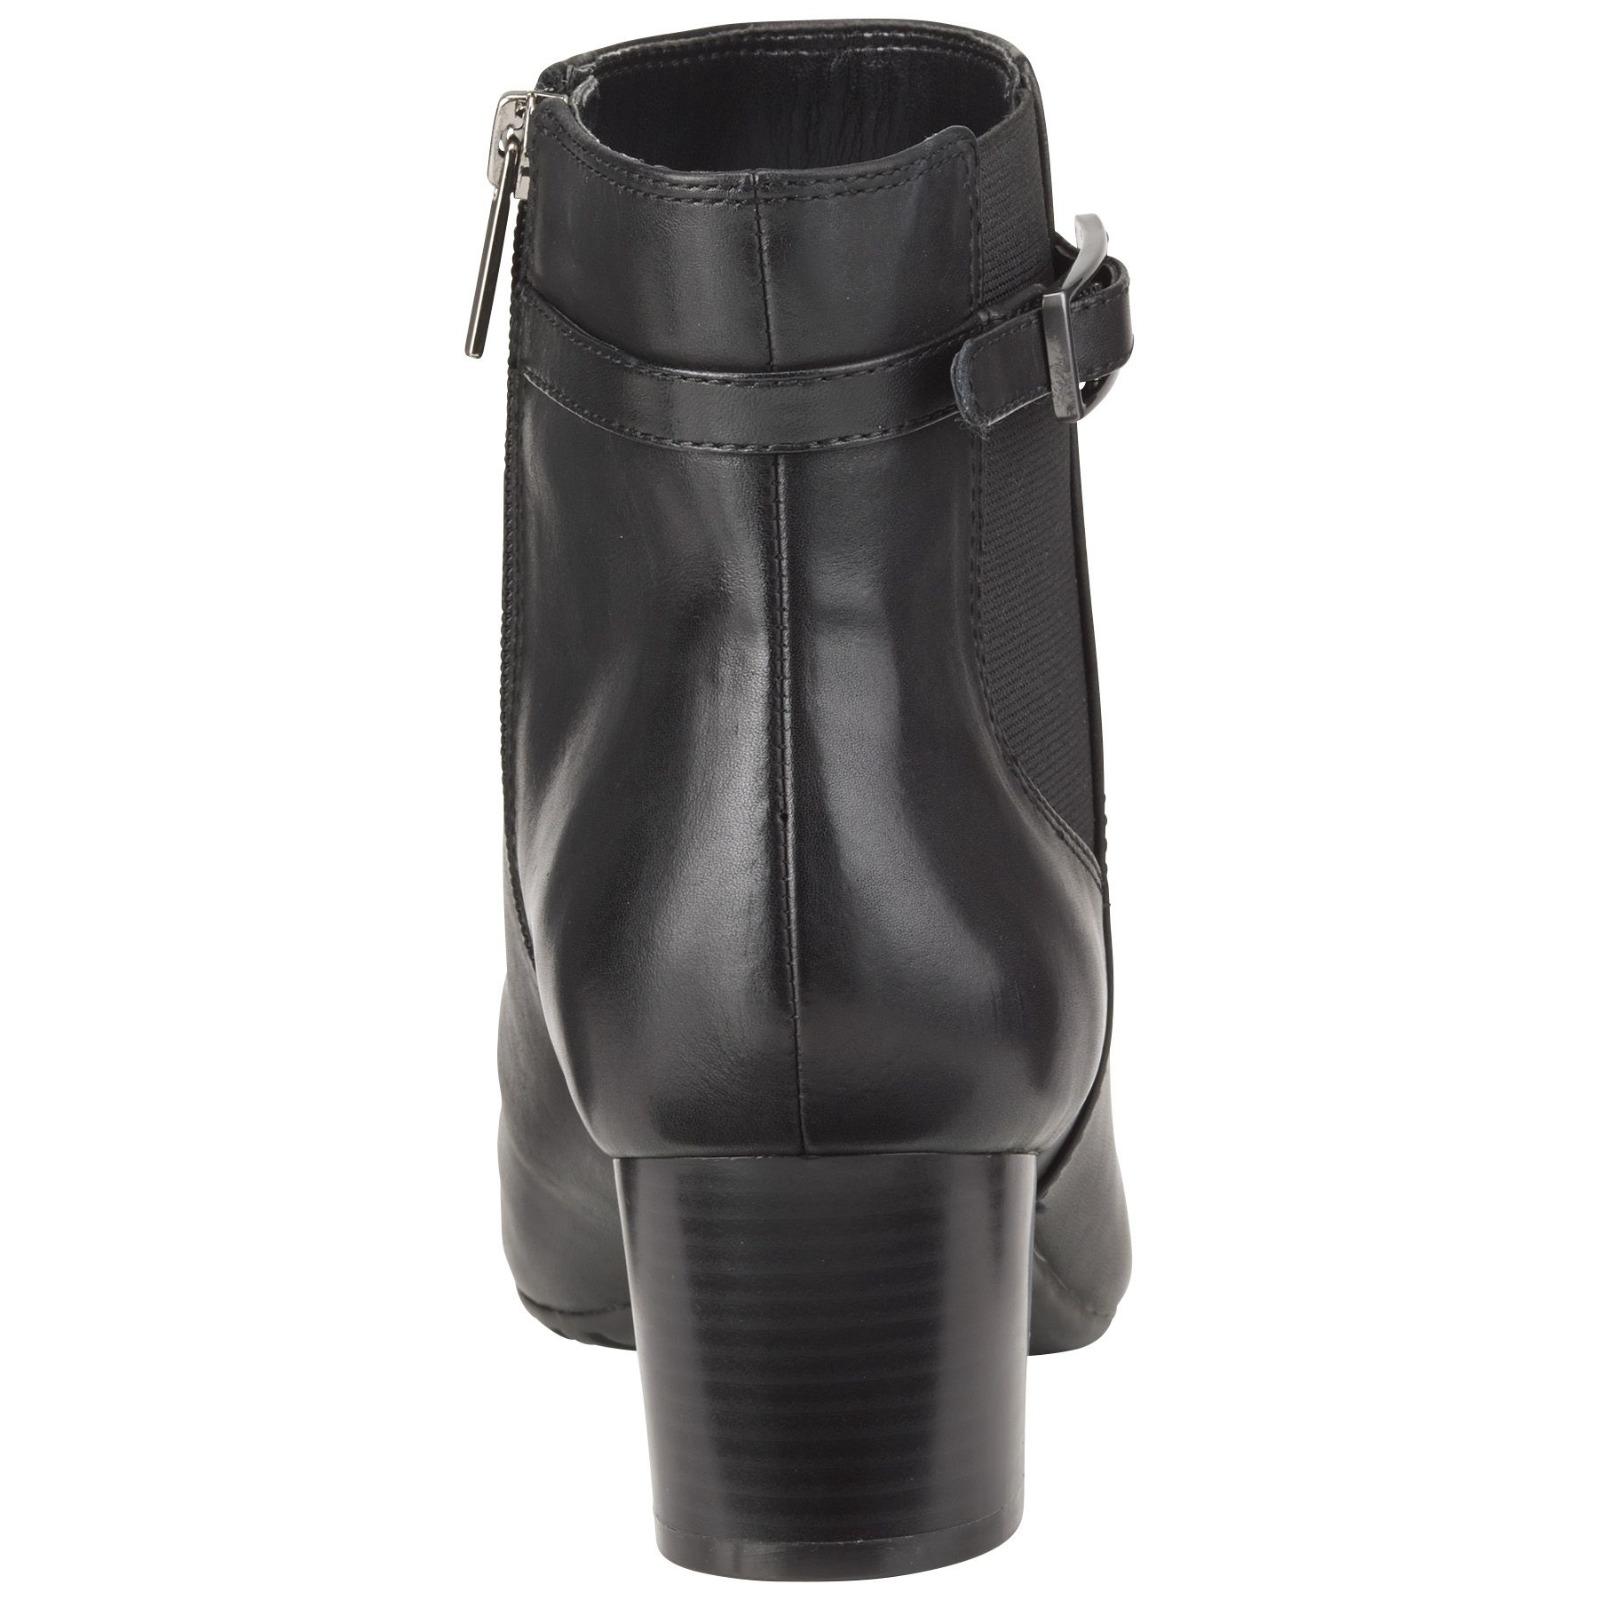 Women's Bandolino Lethia Bootie Black Size 7.5 #NKVI3-834